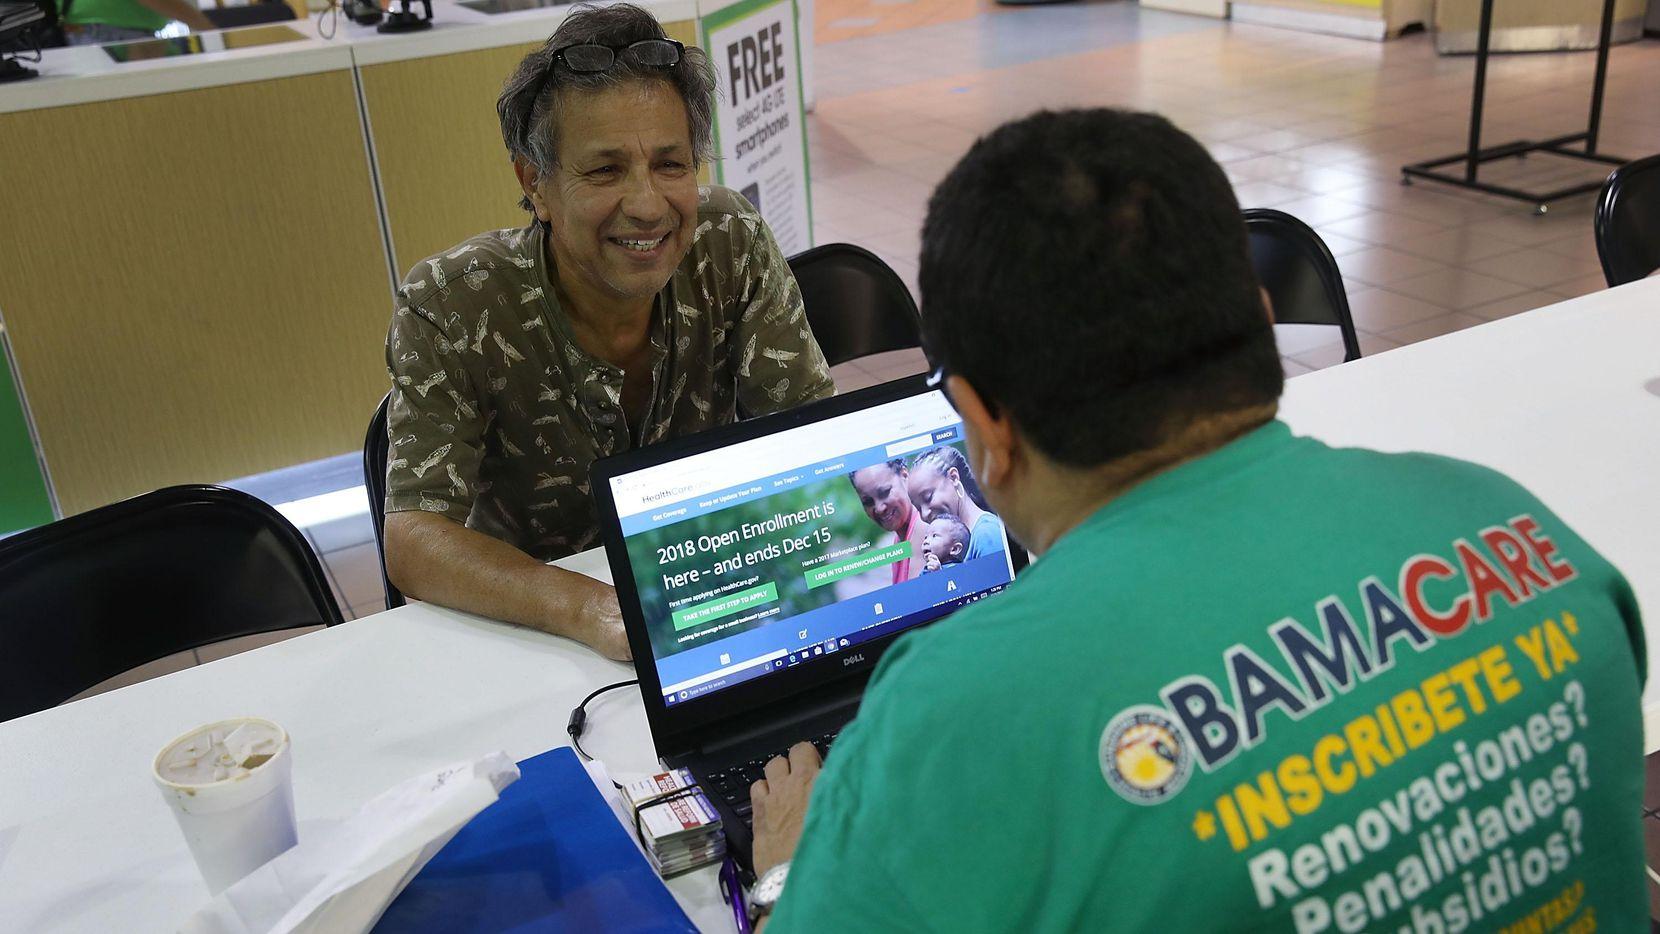 Un agente de seguro de salud Sunshine Life ayuda a inscribir en el seguro médico federal a una familia en 2017. Foto:  GETTY IMAGES